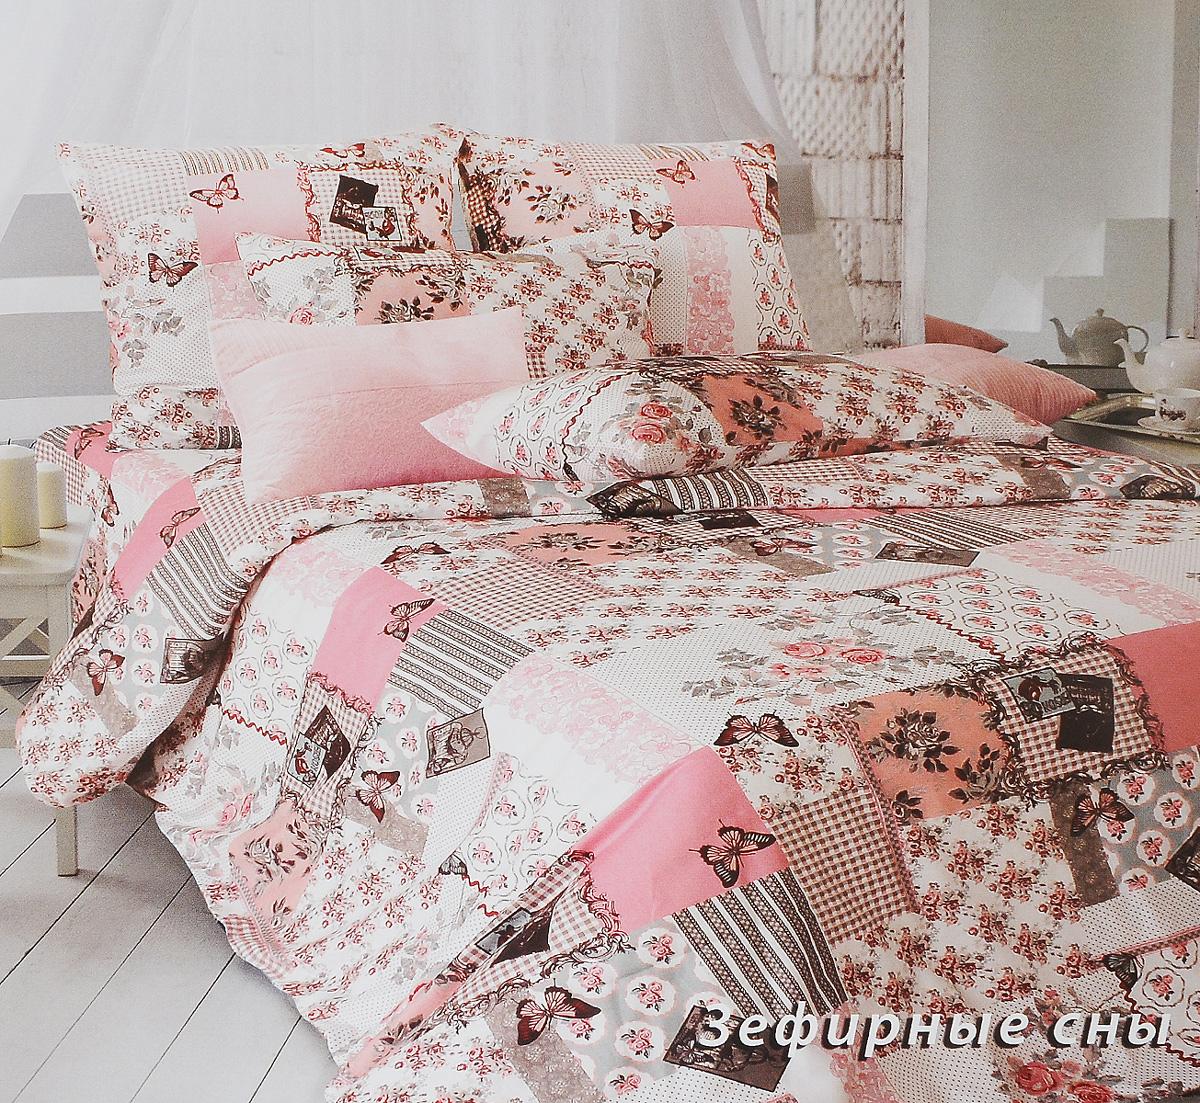 Комплект белья Tiffanys Secret Зефирные сны, евро, наволочки 70х70, цвет: розовый, белый, темно-коричневый2040115980Комплект постельного белья Tiffanys Secret Зефирные сны является экологически безопасным для всей семьи, так как выполнен из сатина (100% хлопок). Комплект состоит из пододеяльника, простыни и двух наволочек. Предметы комплекта оформлены оригинальным рисунком. Благодаря такому комплекту постельного белья вы сможете создать атмосферу уюта и комфорта в вашей спальне. Сатин - это ткань, навсегда покорившая сердца человечества. Ценившие роскошь персы называли ее атлас, а искушенные в прекрасном французы - сатин. Секрет высококачественного сатина в безупречности всего технологического процесса. Эту благородную ткань делают только из отборной натуральной пряжи, которую получают из самого лучшего тонковолокнистого хлопка. Благодаря использованию самой тонкой хлопковой нити получается необычайно мягкое и нежное полотно. Сатиновое постельное белье превращает жаркие летние ночи в прохладные и освежающие, а холодные зимние - в теплые и согревающие. ...